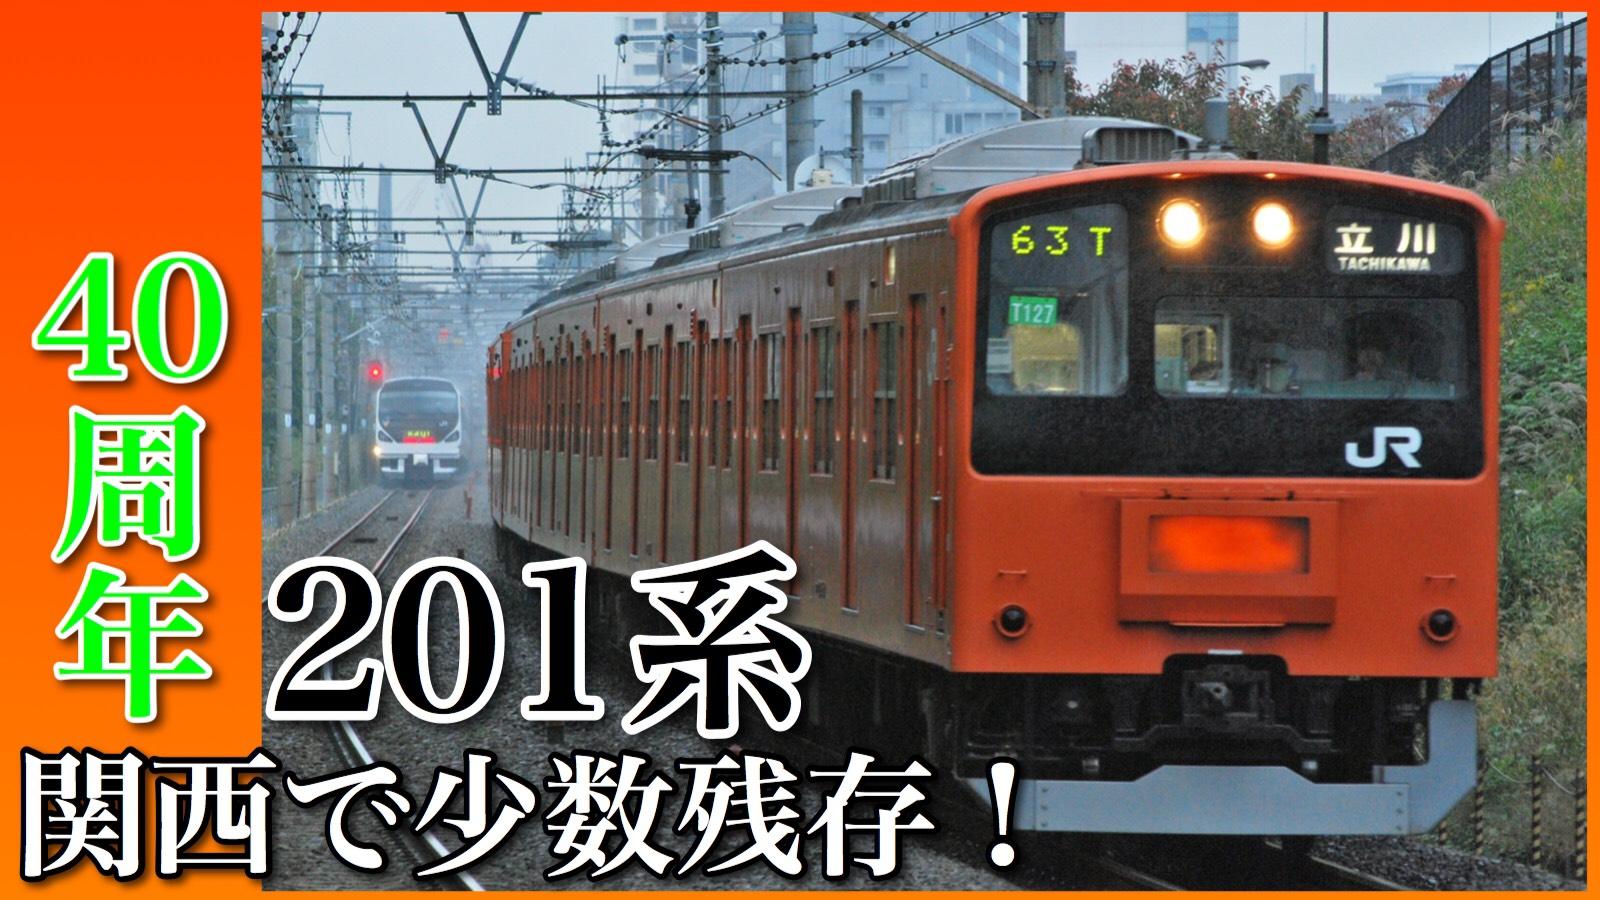 201系】登場から40年!数を減らしつつも新形態登場〜今昔   鉄道ファン ...